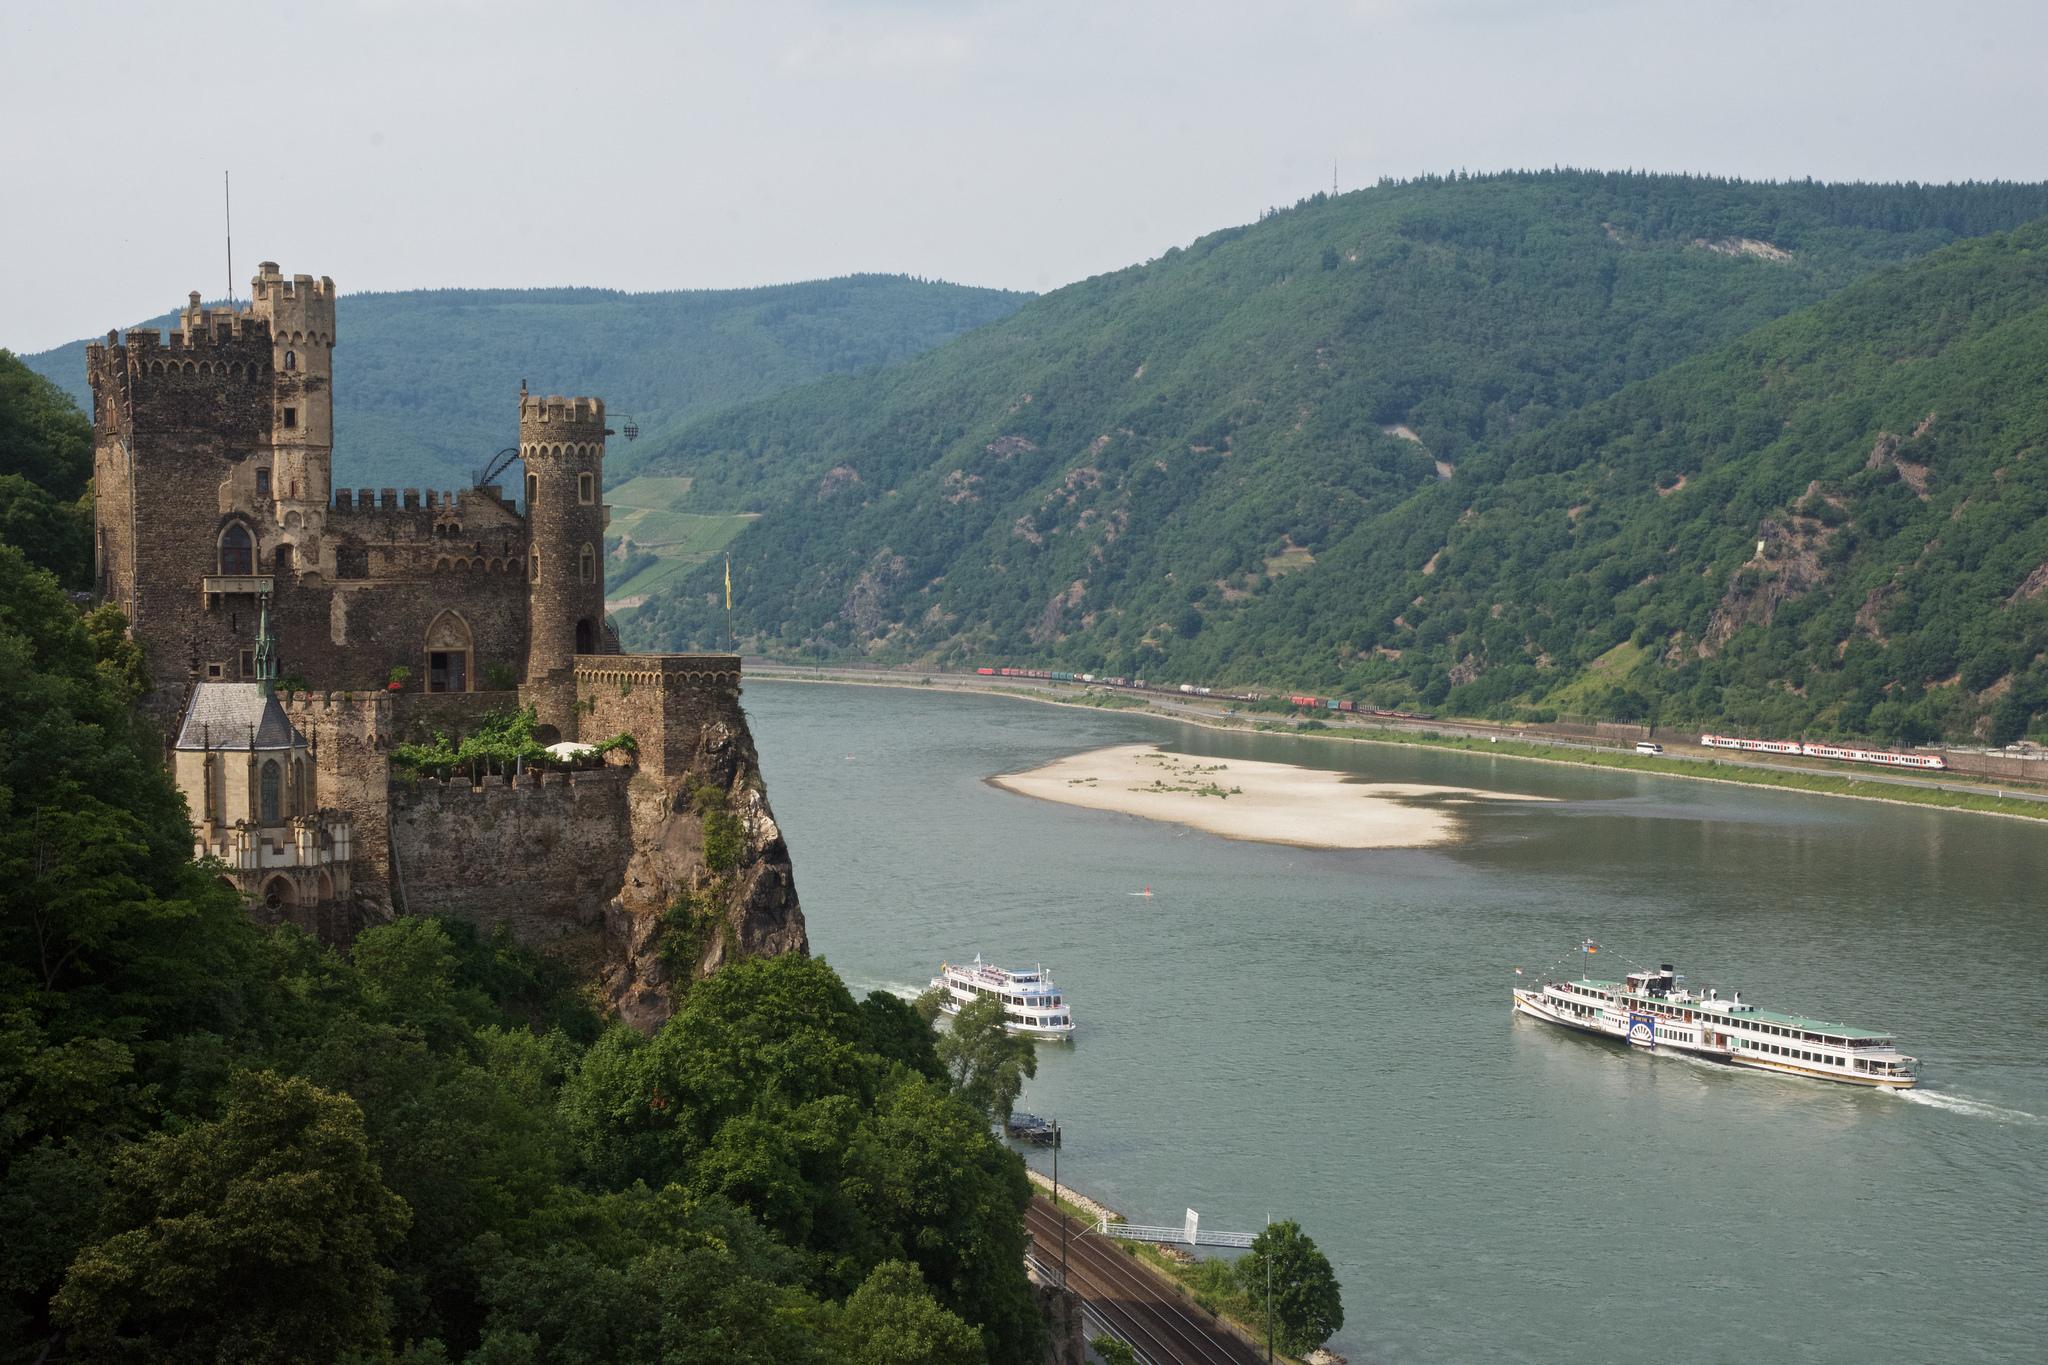 Галерея: Интересные места Германии: замок Рейнштайн рис 2